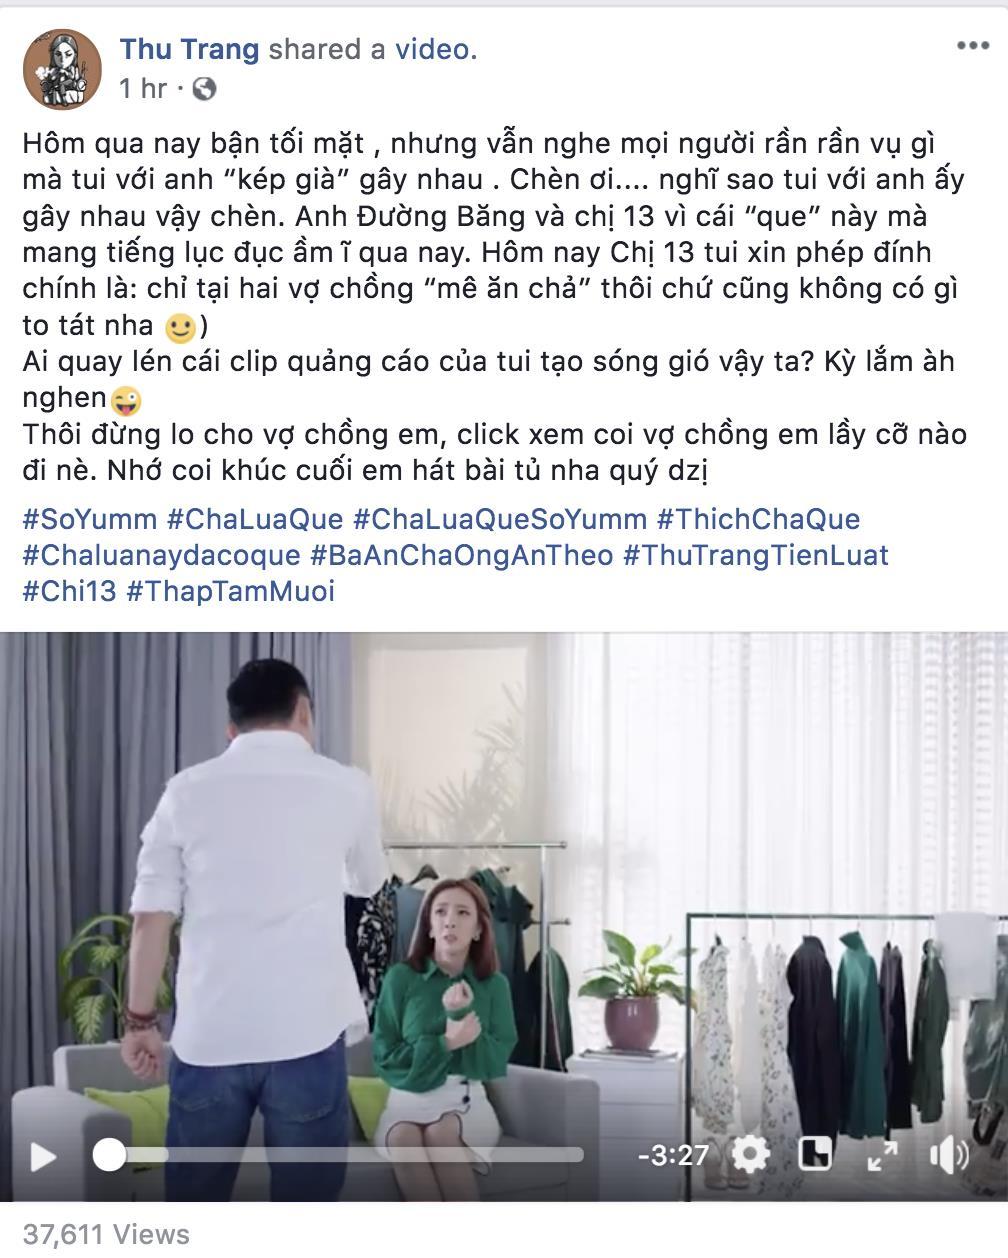 Màn hình chụp facebook cá nhân của diễn viên hài Thu Trang